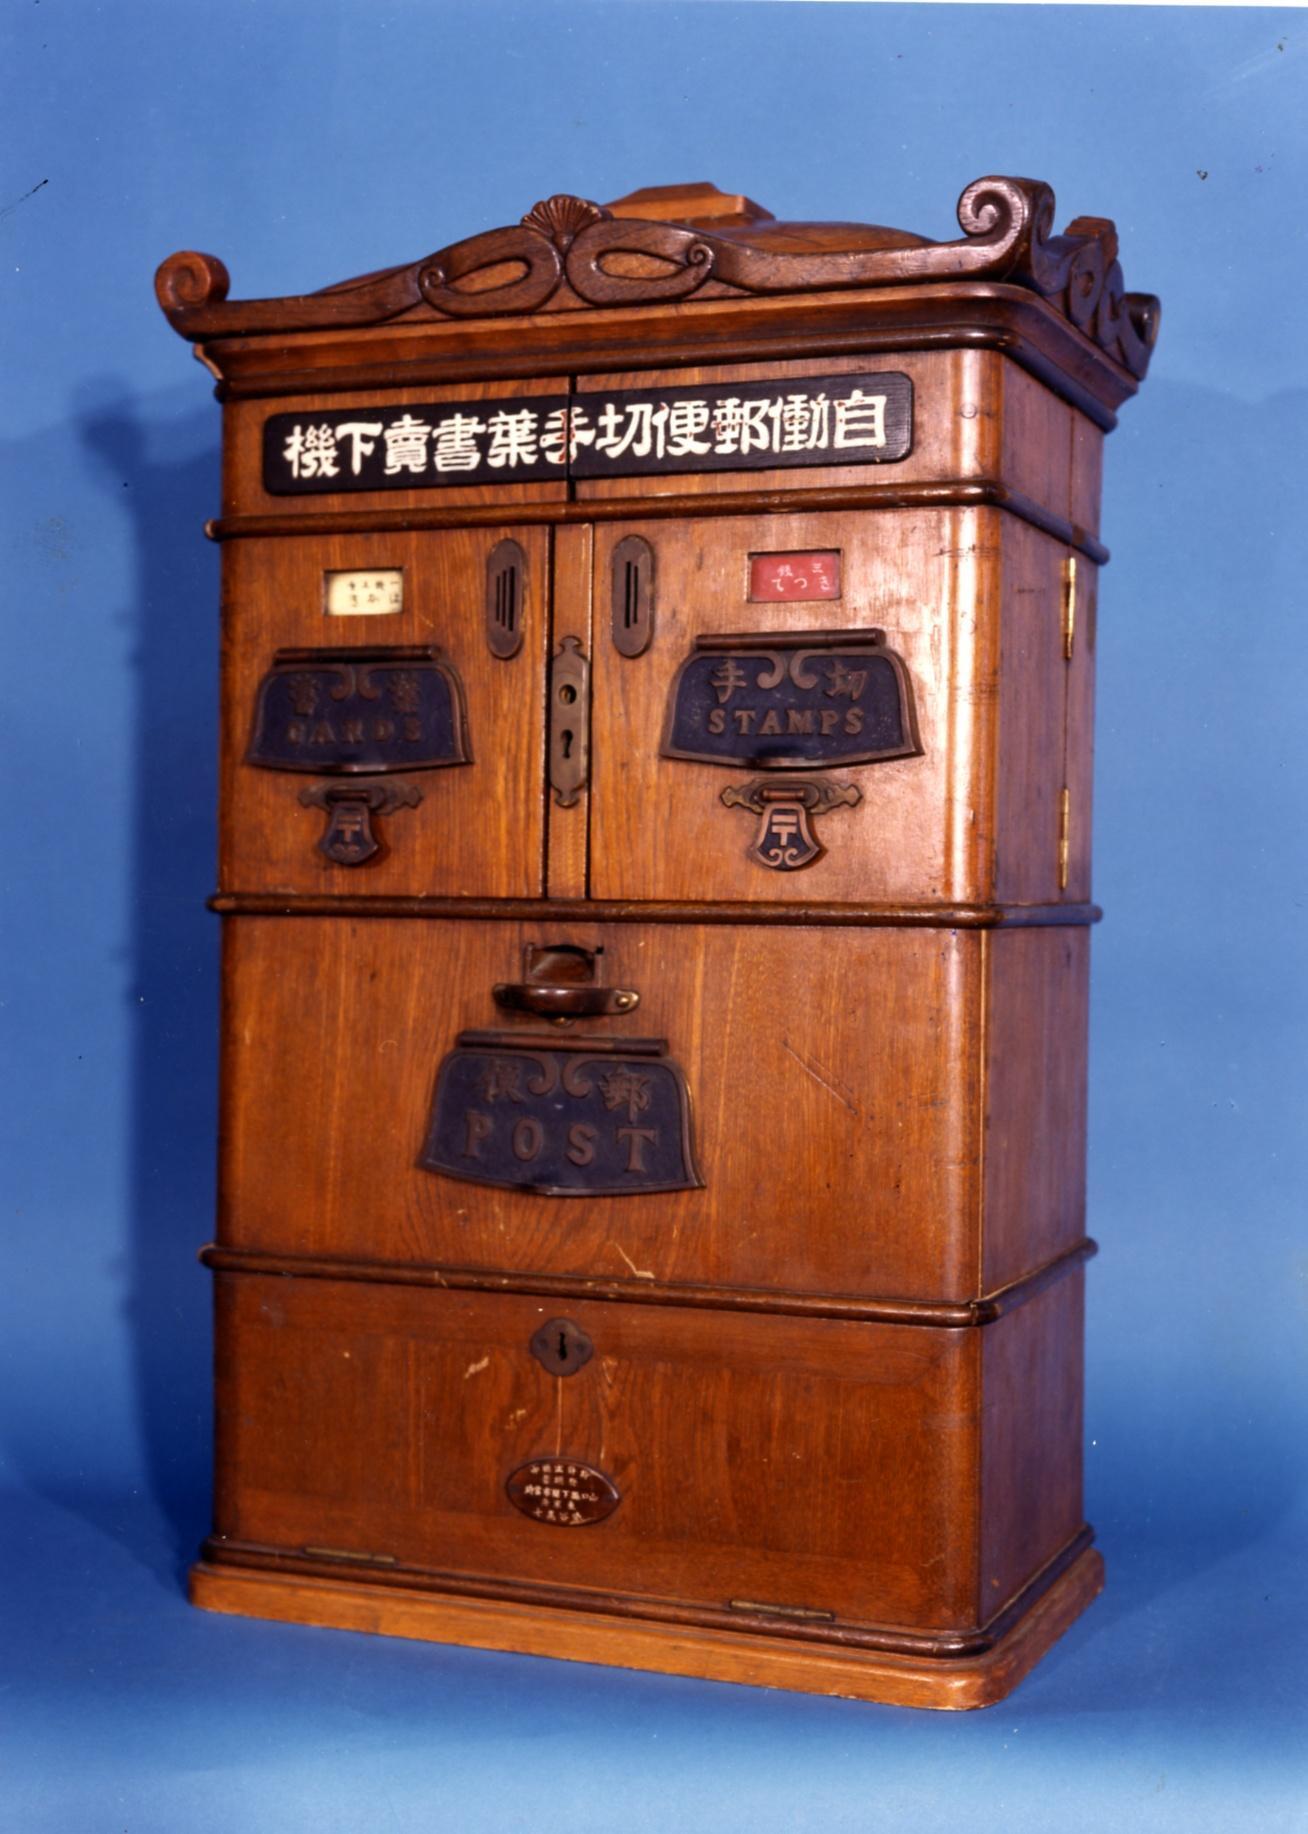 w10124_BEF-0009-0_自働郵便切手葉書売下機.JPG